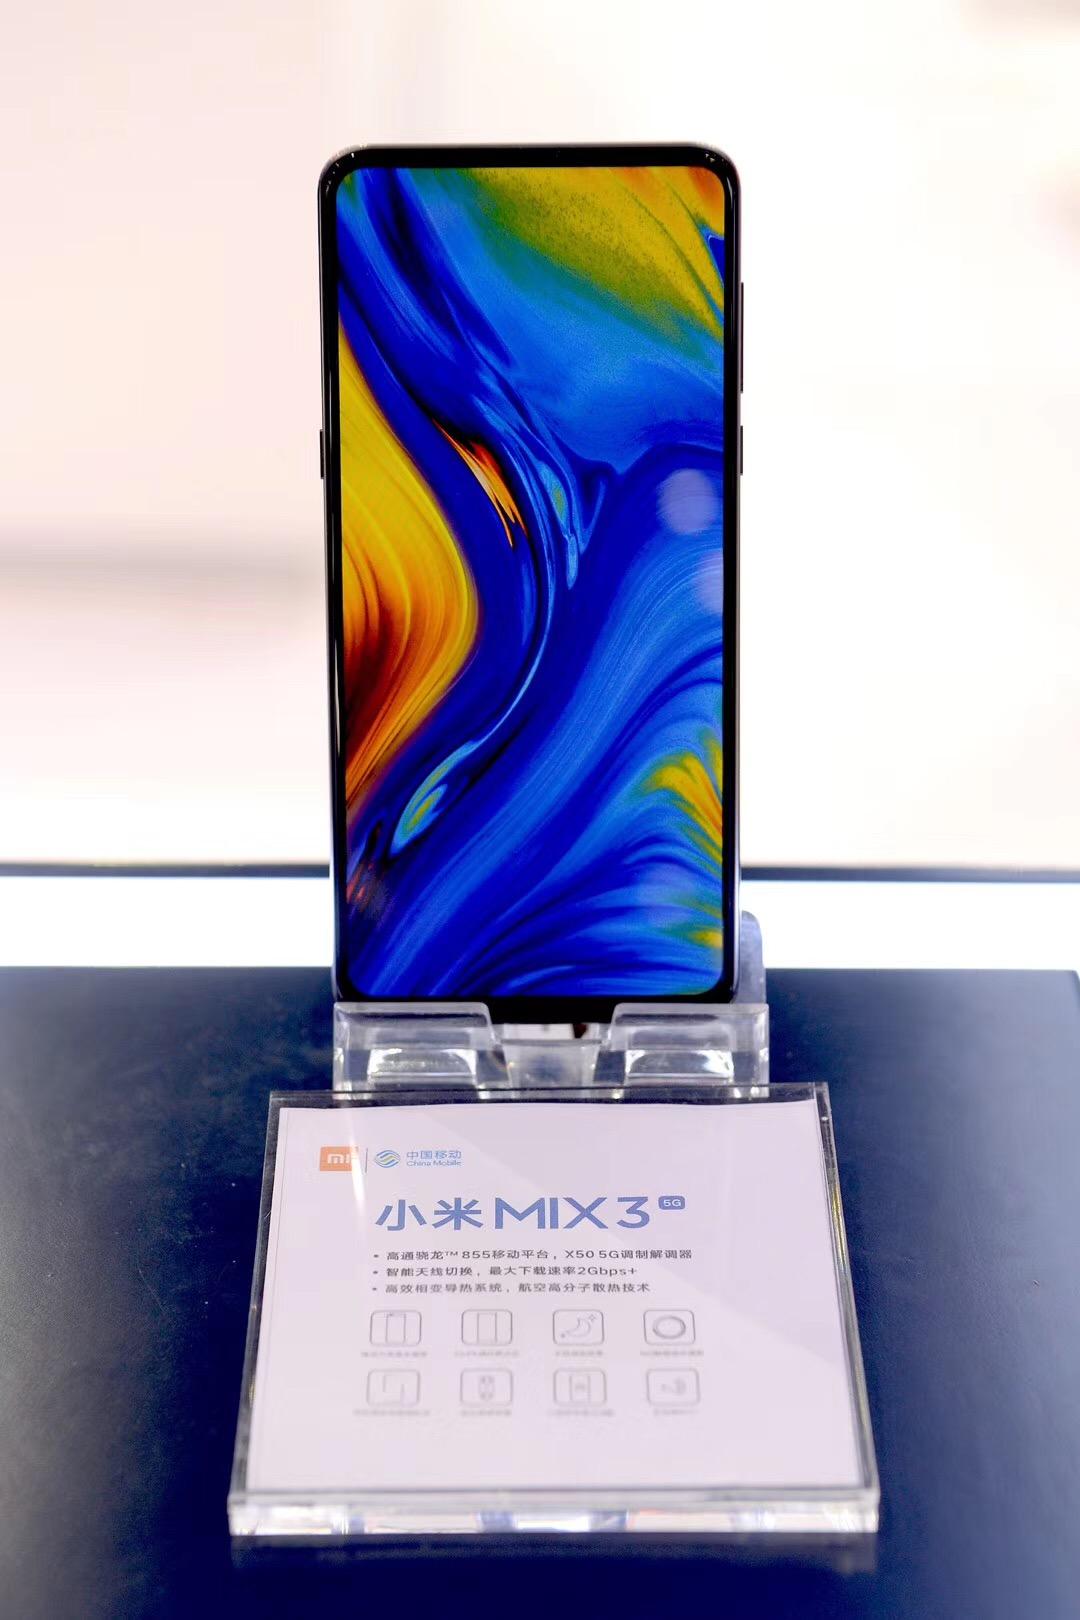 小米首款骁龙855手机亮相!是它